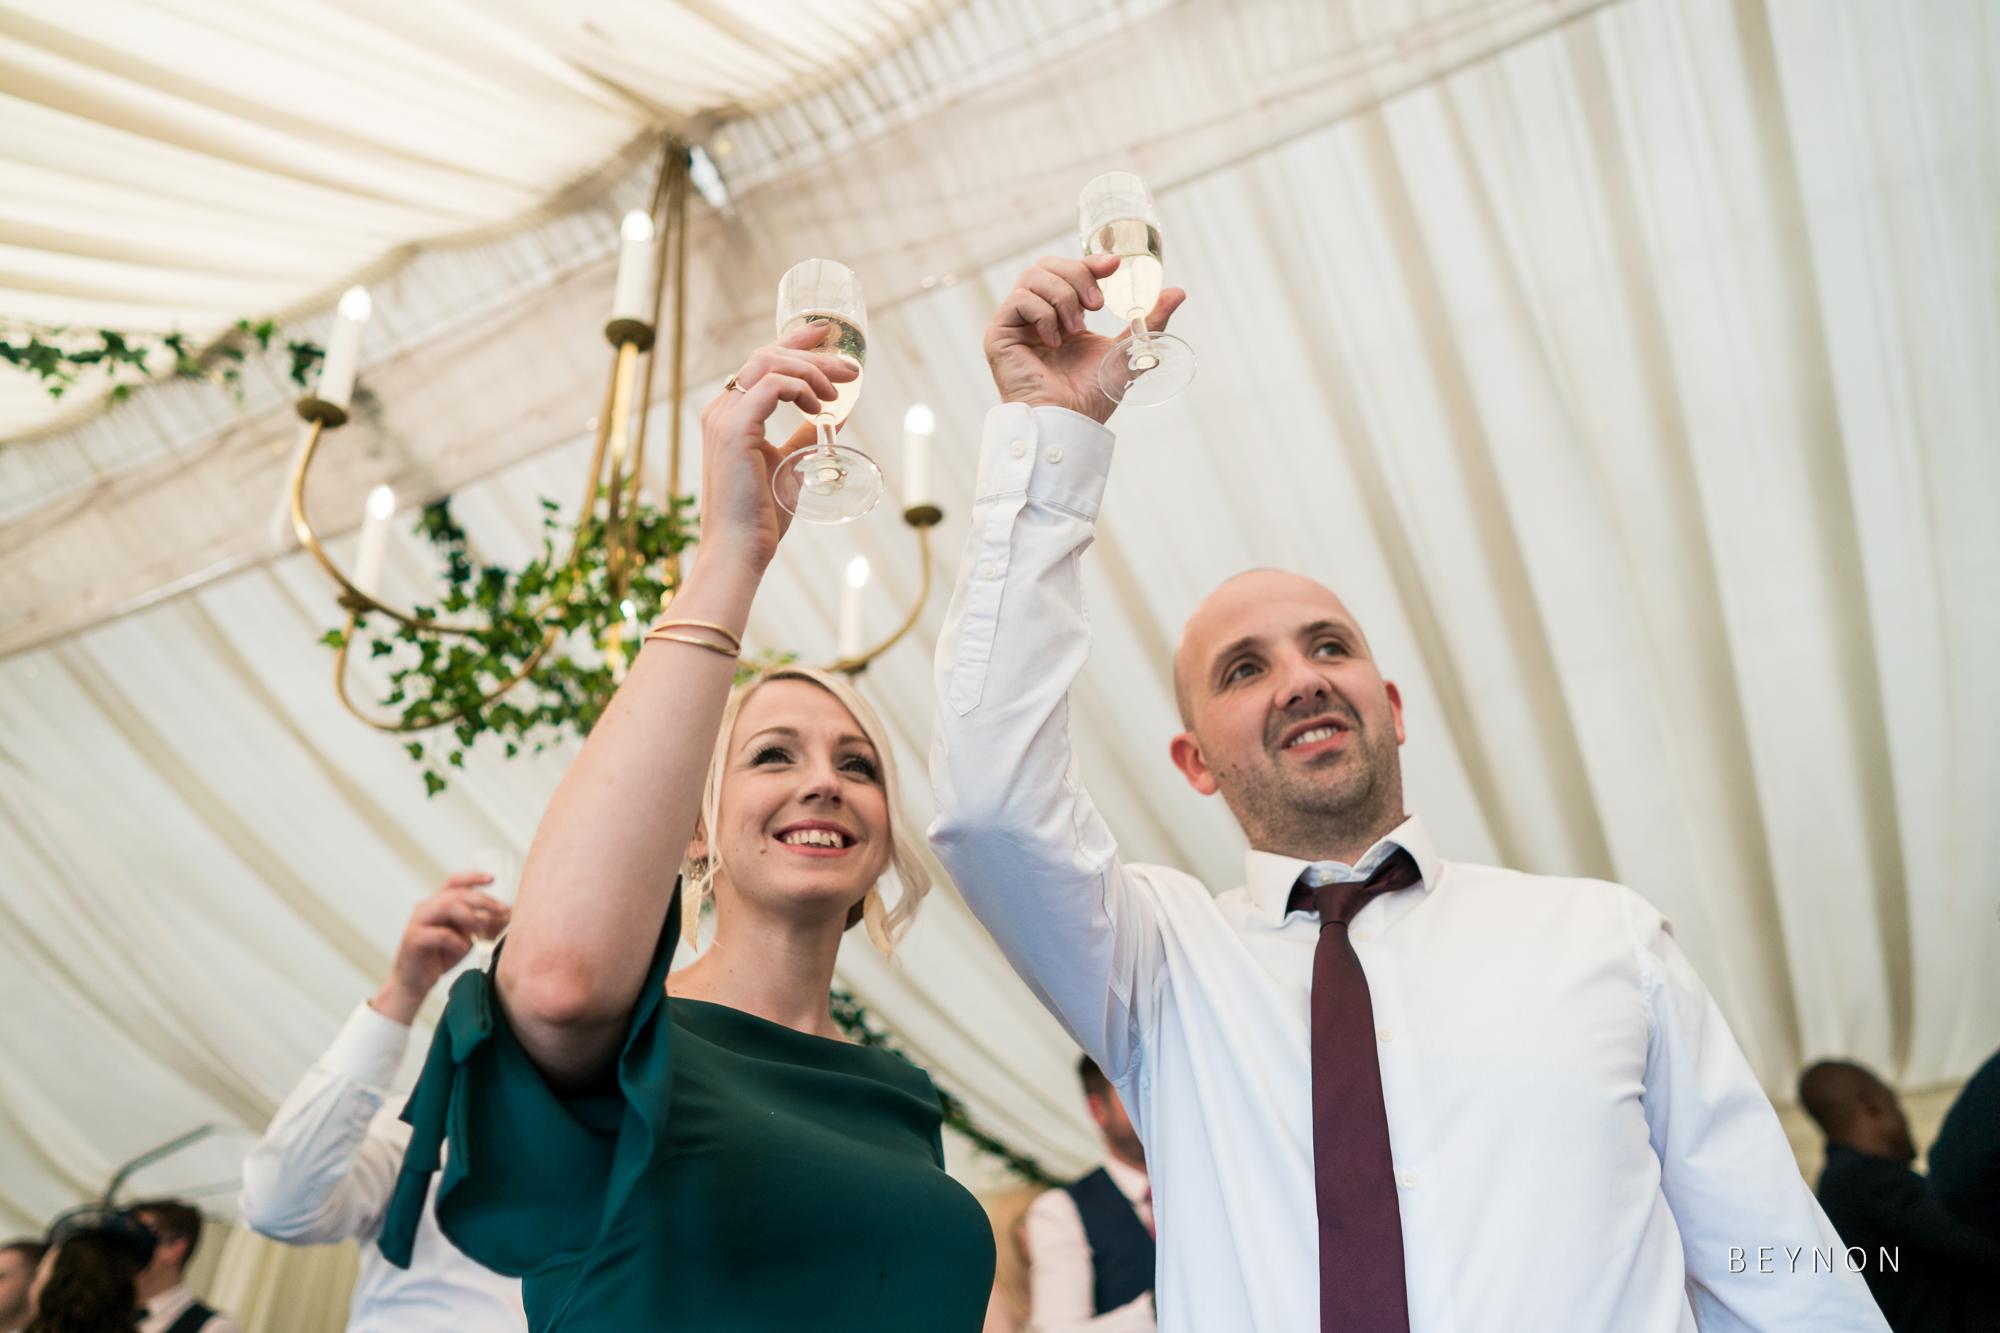 Guests toast a speech